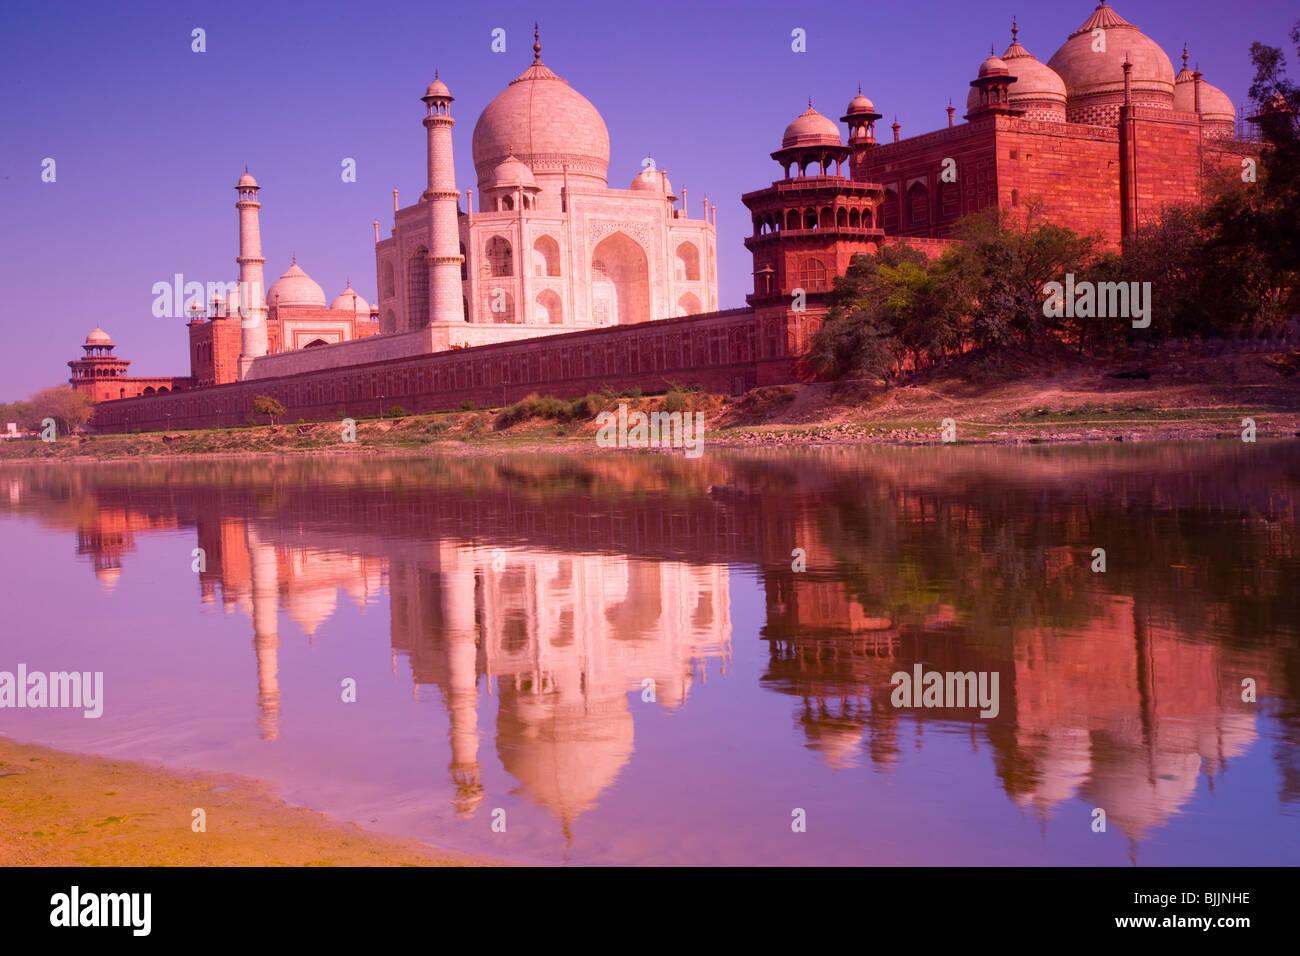 Taj Mahal visto desde el río Yamuna, Agra, la India, el Taj Mahal, Patrimonio Mundial de la UNESCO, construida en 1631 por Shal Jahan para mujer Foto de stock